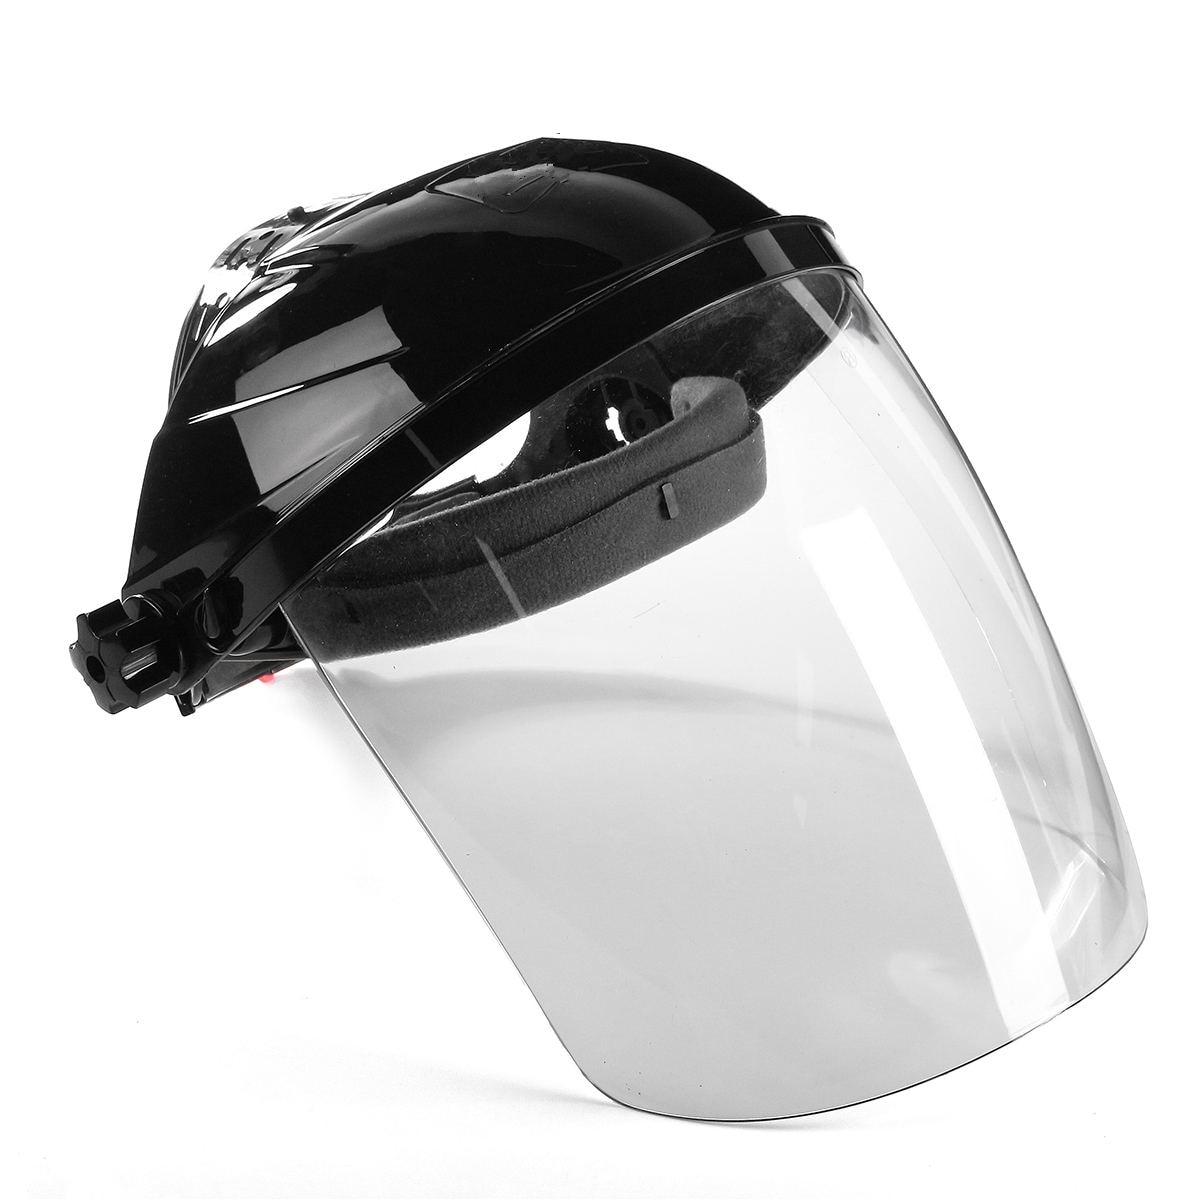 Transparent Lentille Anti-UV Anti-choc Casque De Soudage Visage Bouclier Masque de Soudure Visage Eye Protect Shield Anti-choc